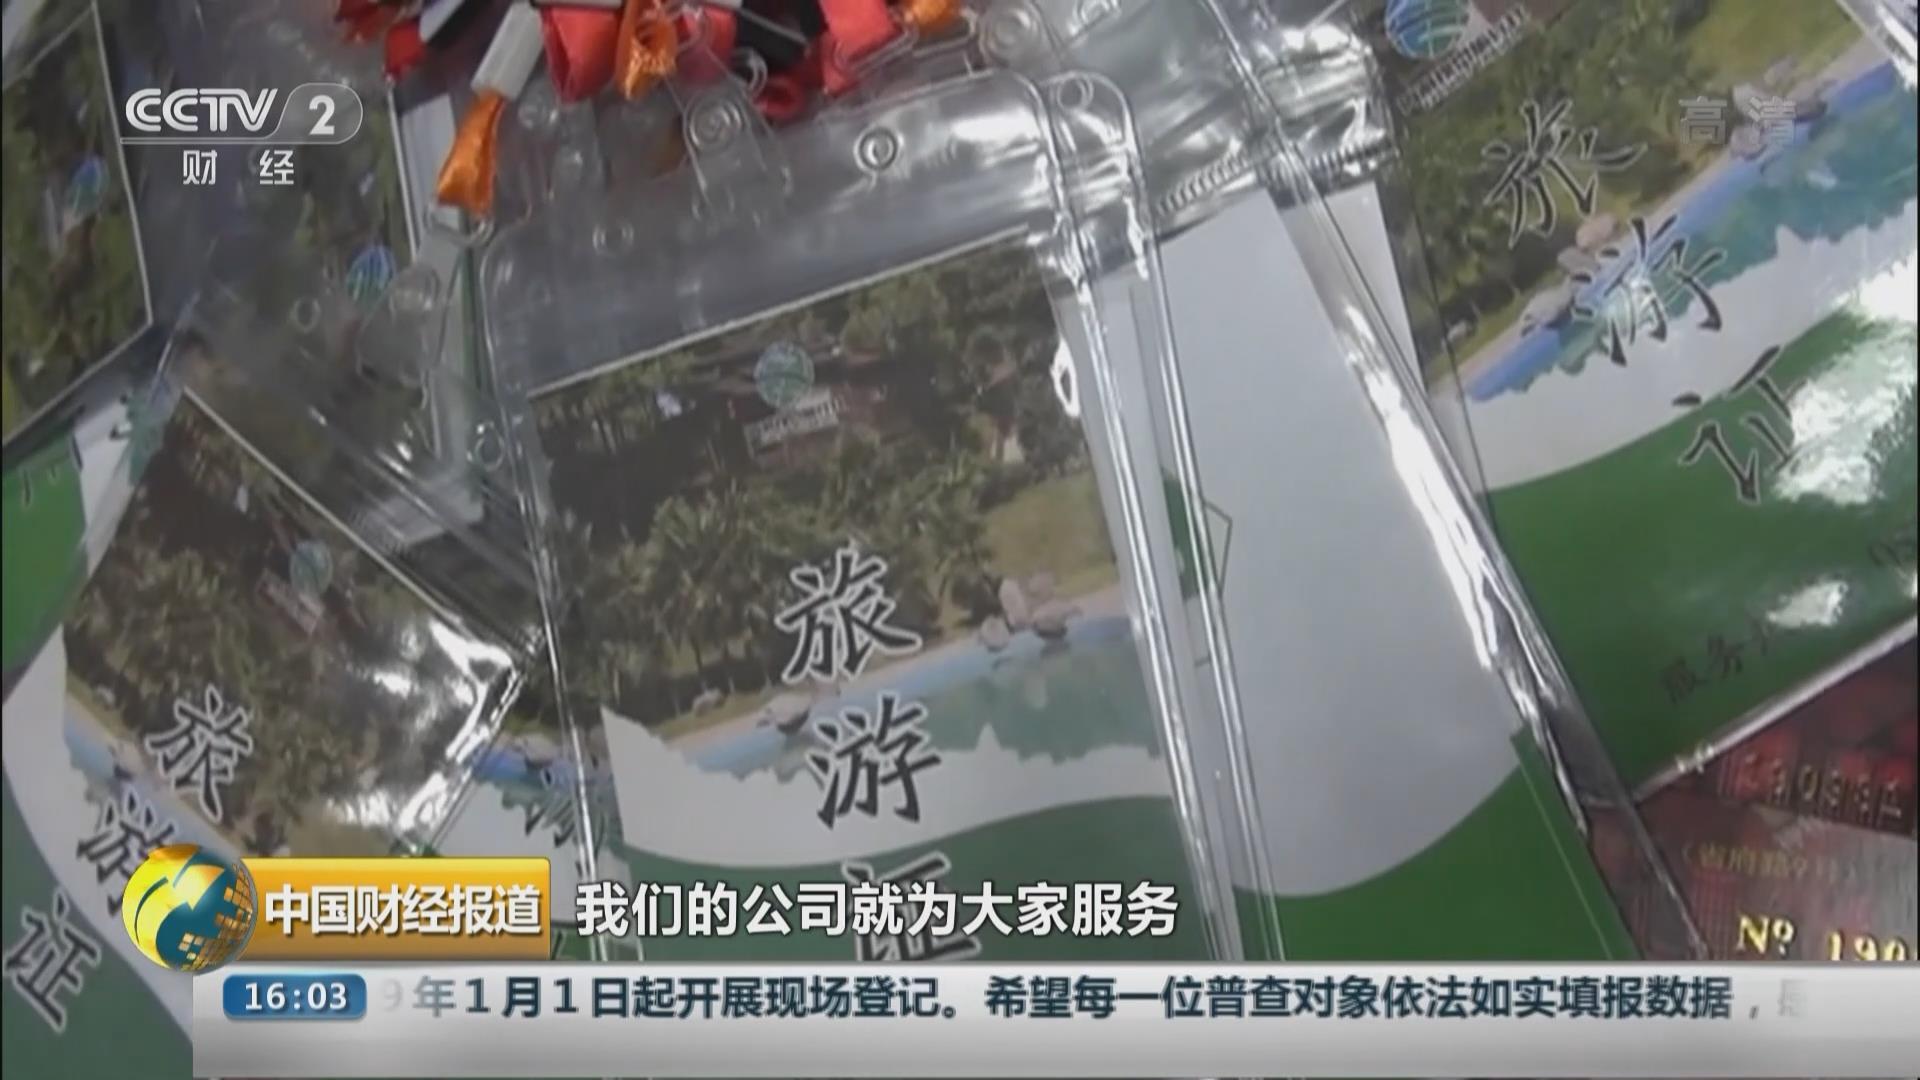 江蘇南京:購買保健品 老人遭遇連環詐騙